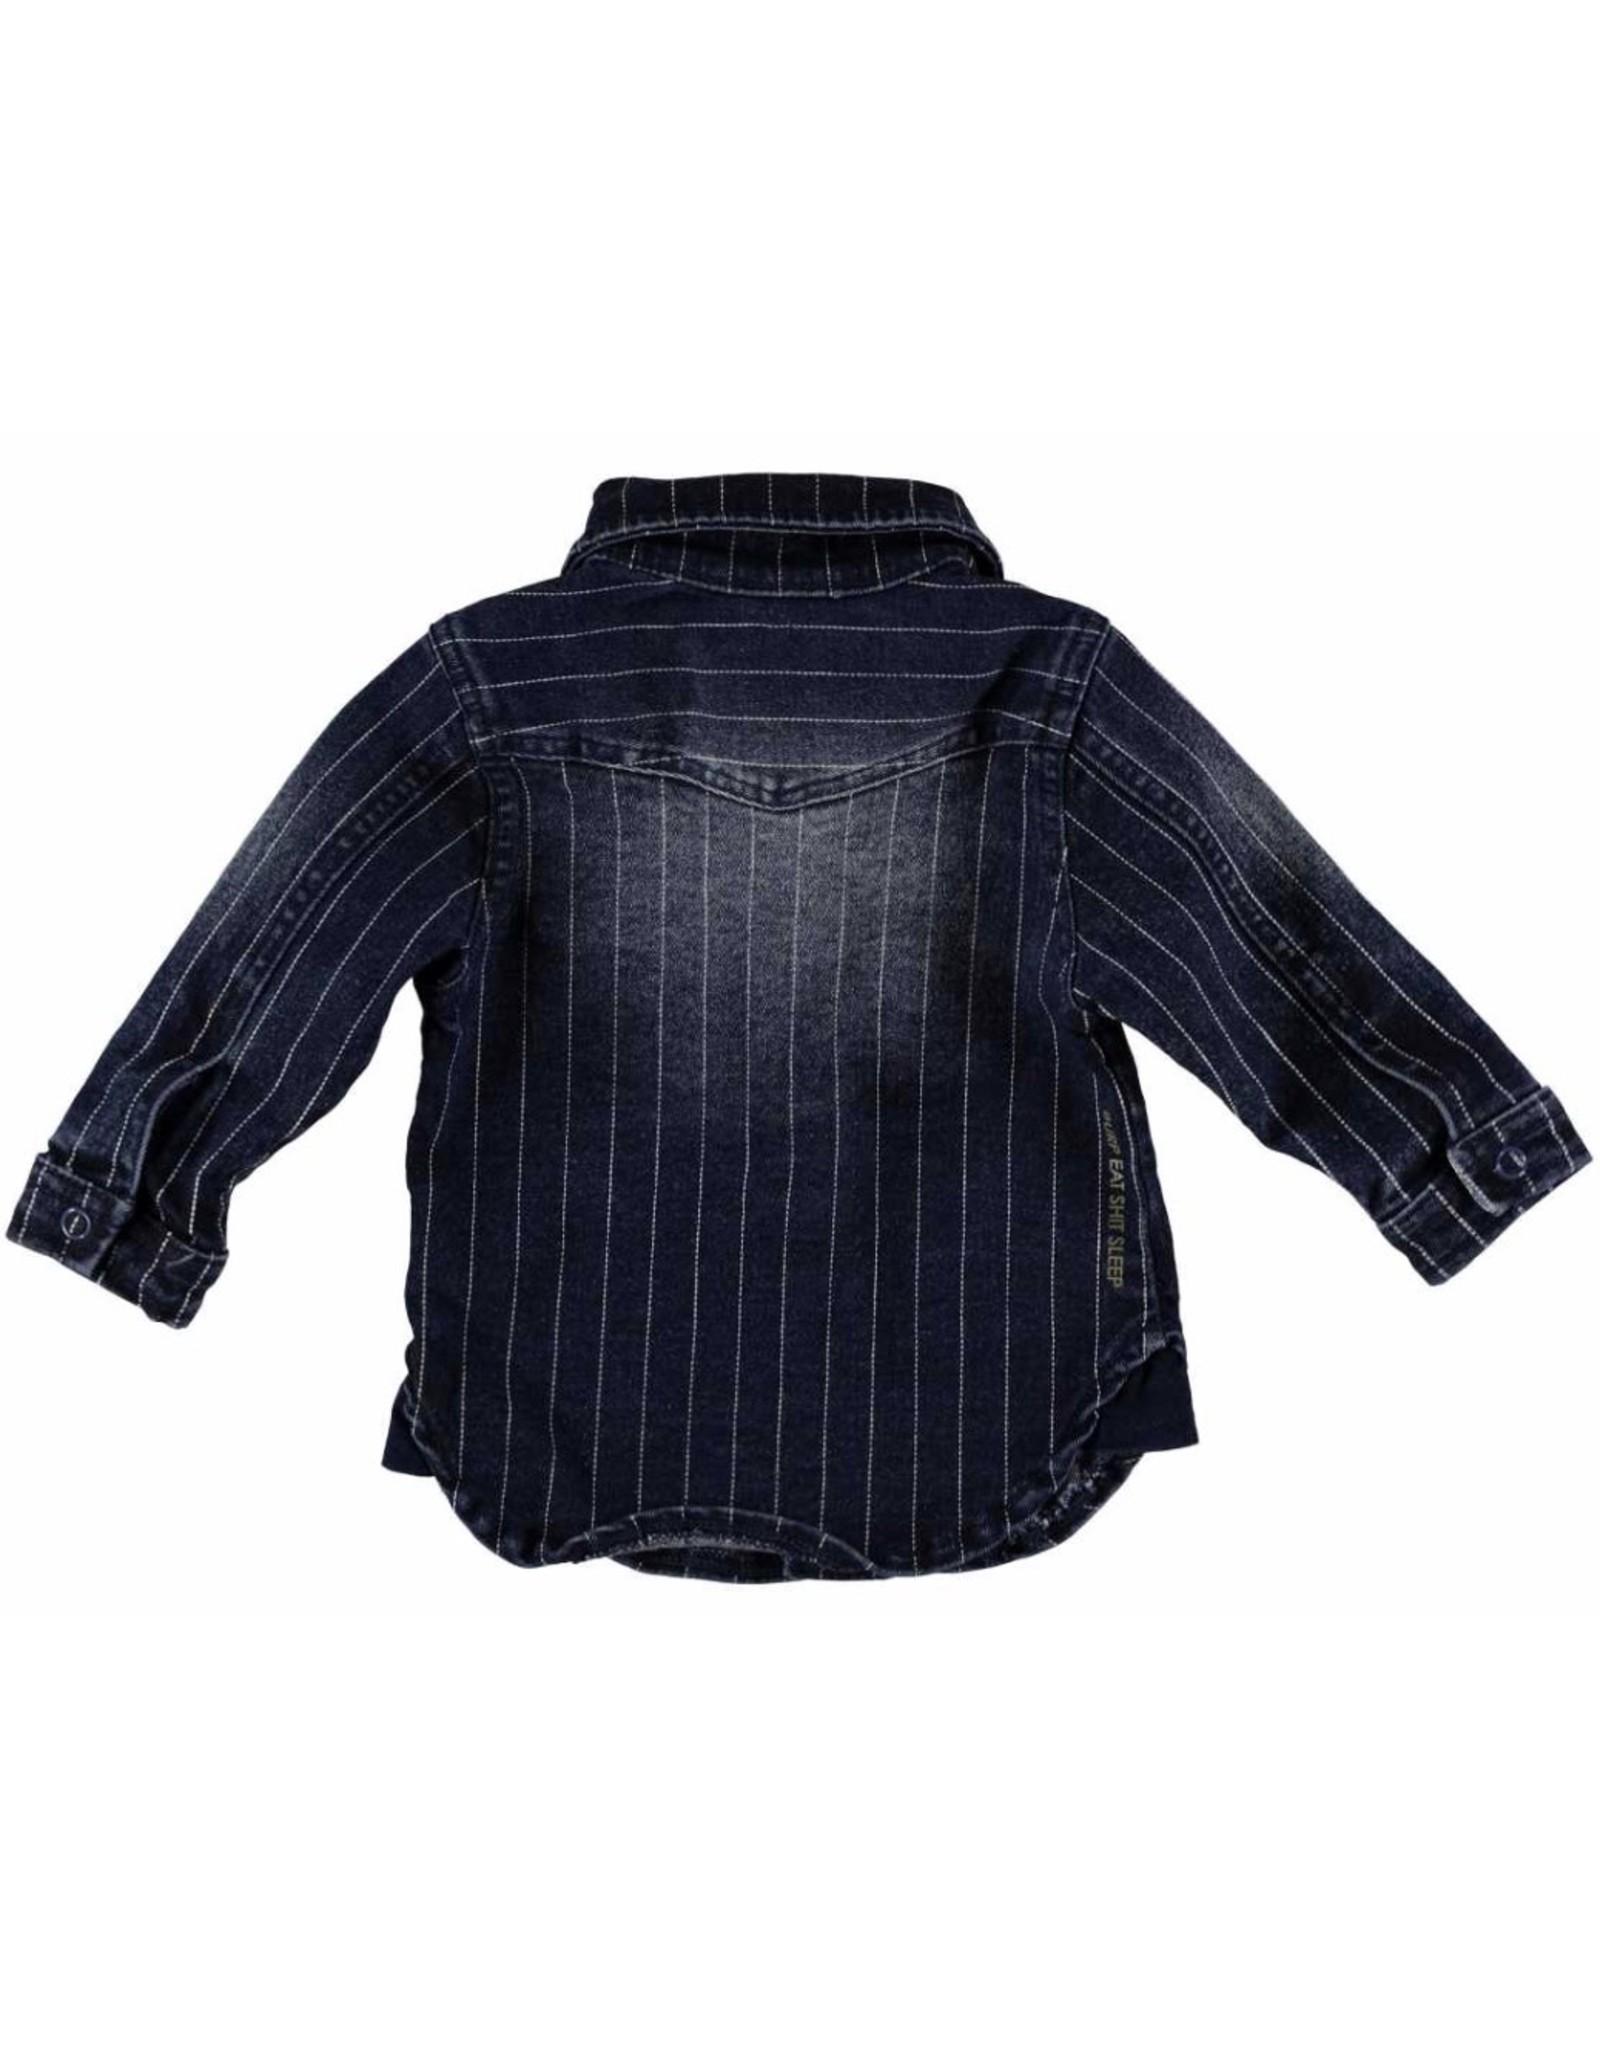 B*E*S*S 20209 blouse